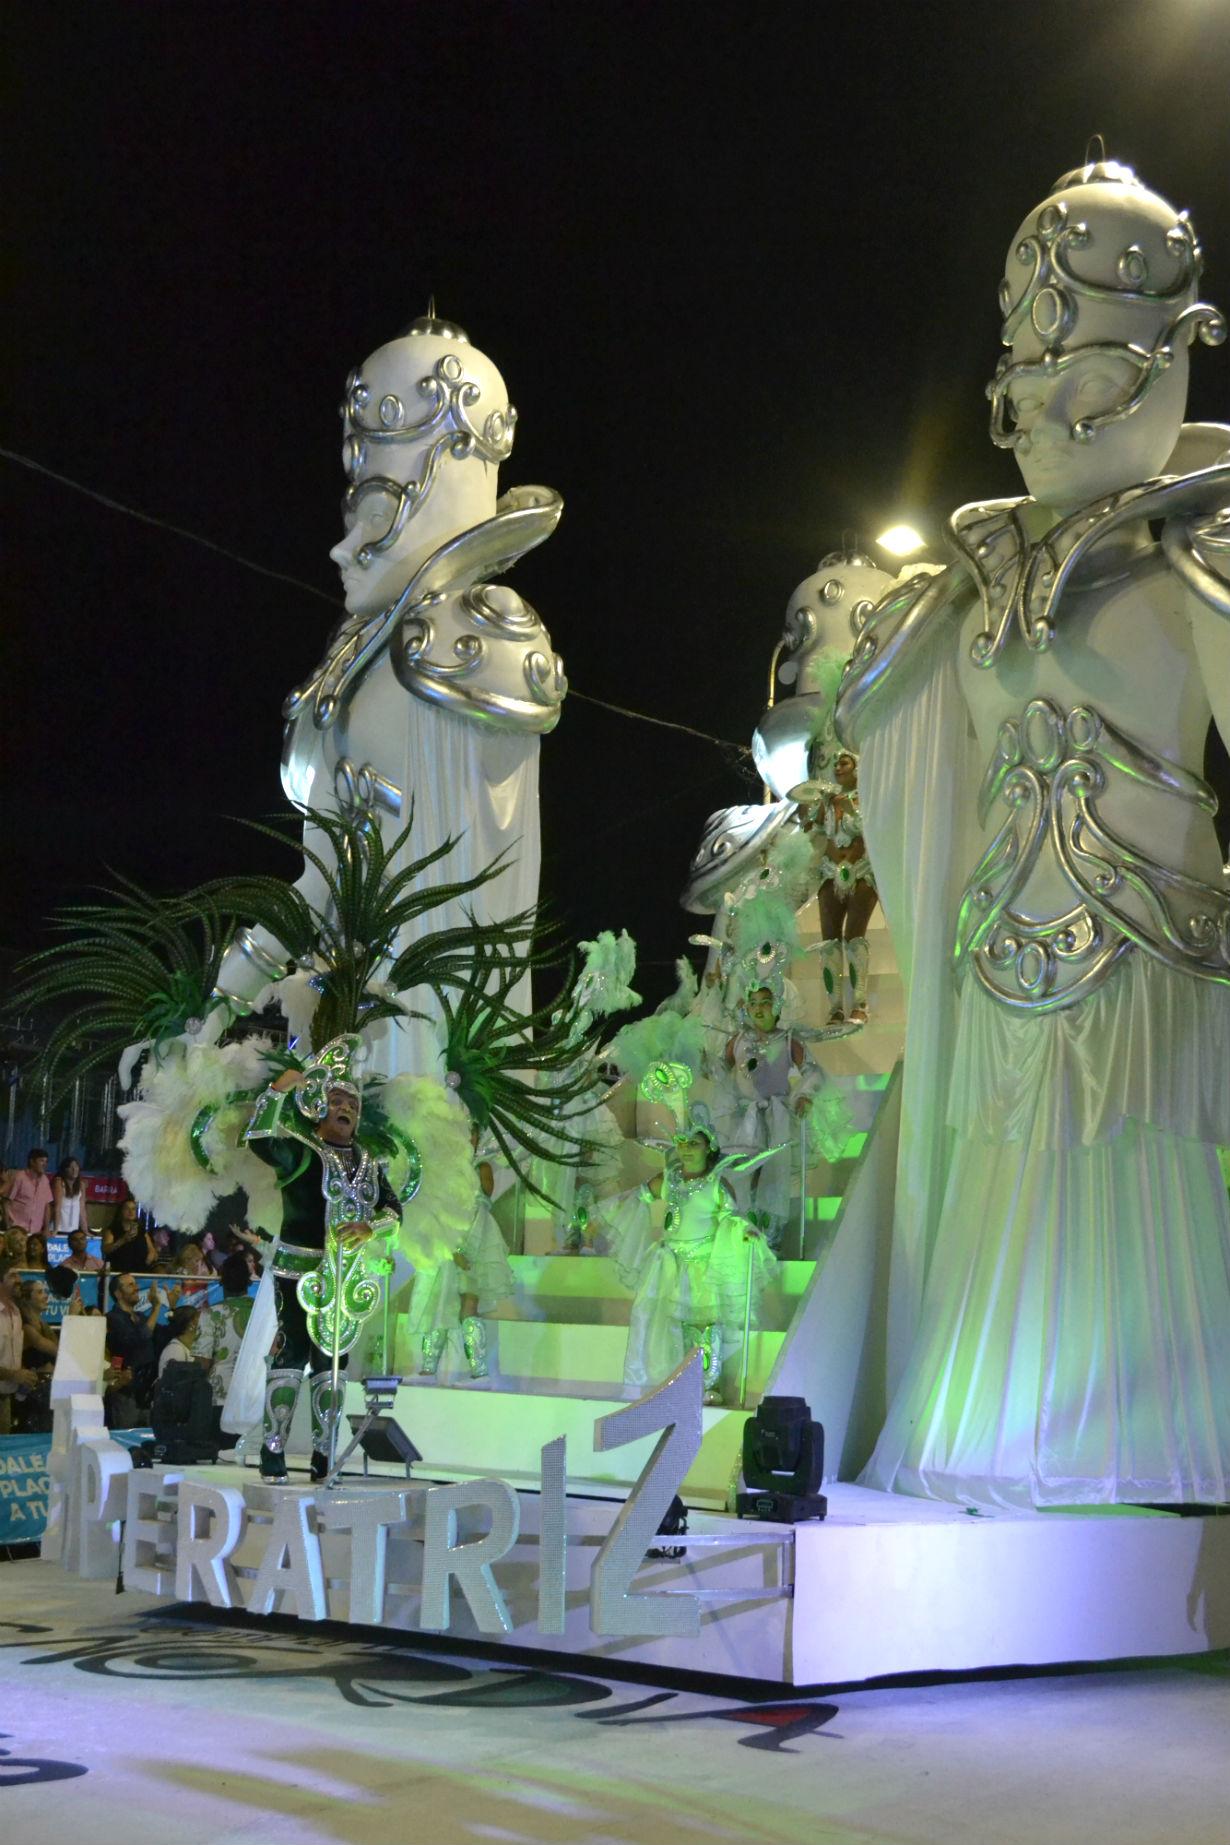 Así estaba la estructura en el desfile anterior. Foto: El Entre Ríos